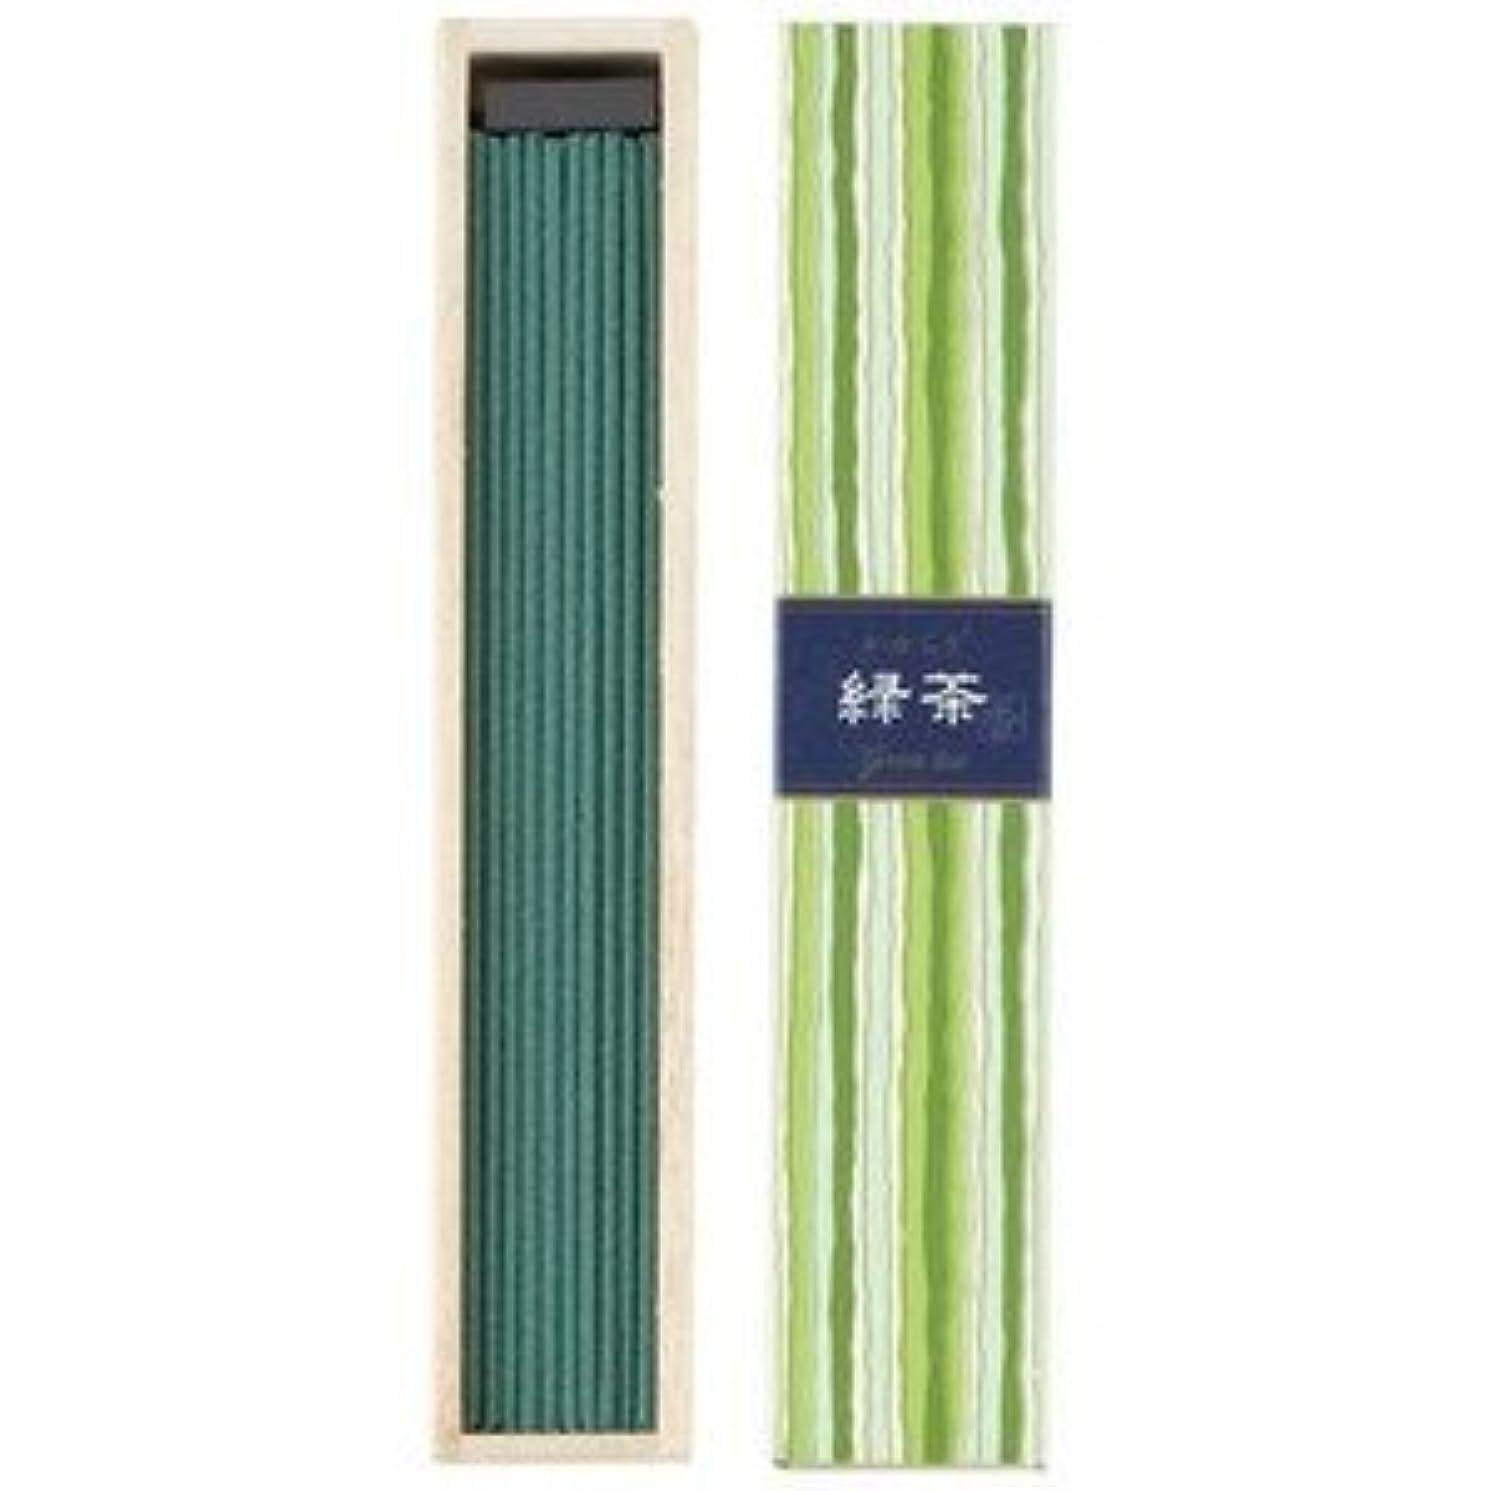 防腐剤フック流体日本香堂 かゆらぎスティック 緑茶